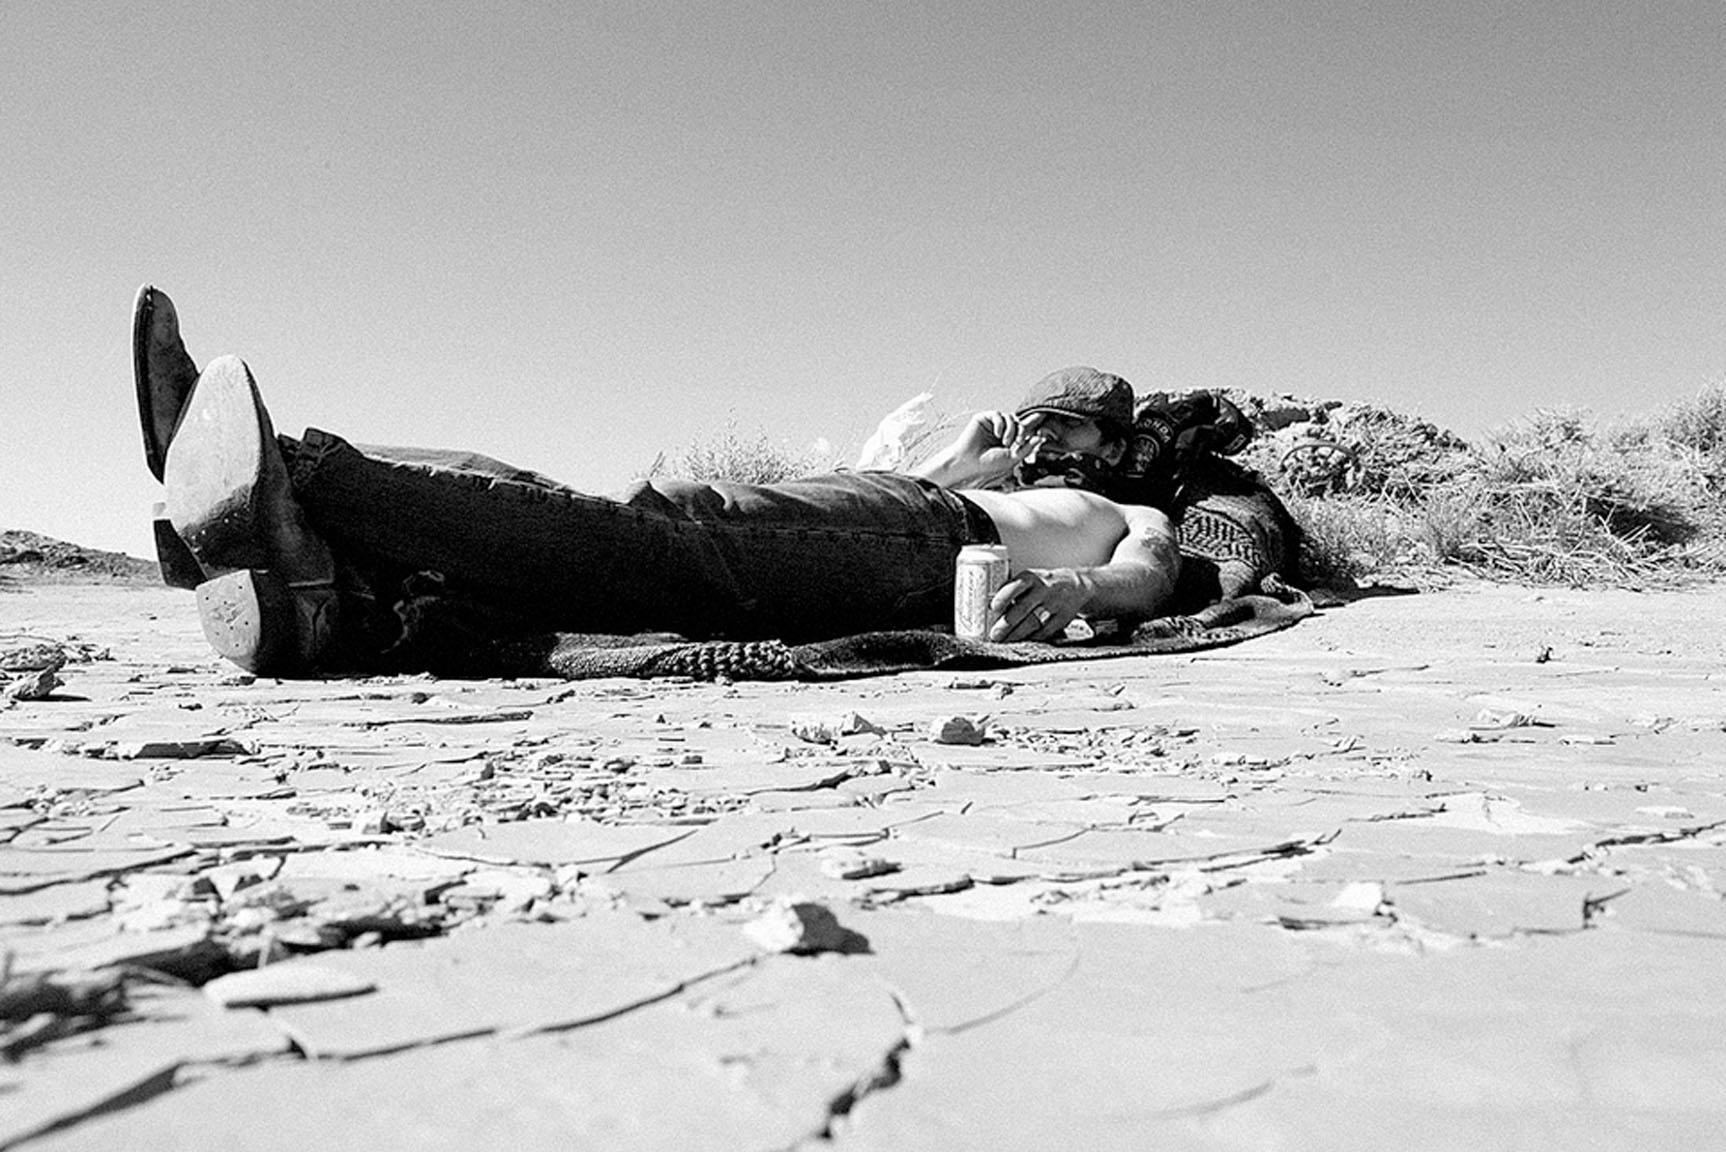 el-mirage-2011-its-better-in-the-wind-scott-toepfer-jason-paul-michaels-relaxing.jpg